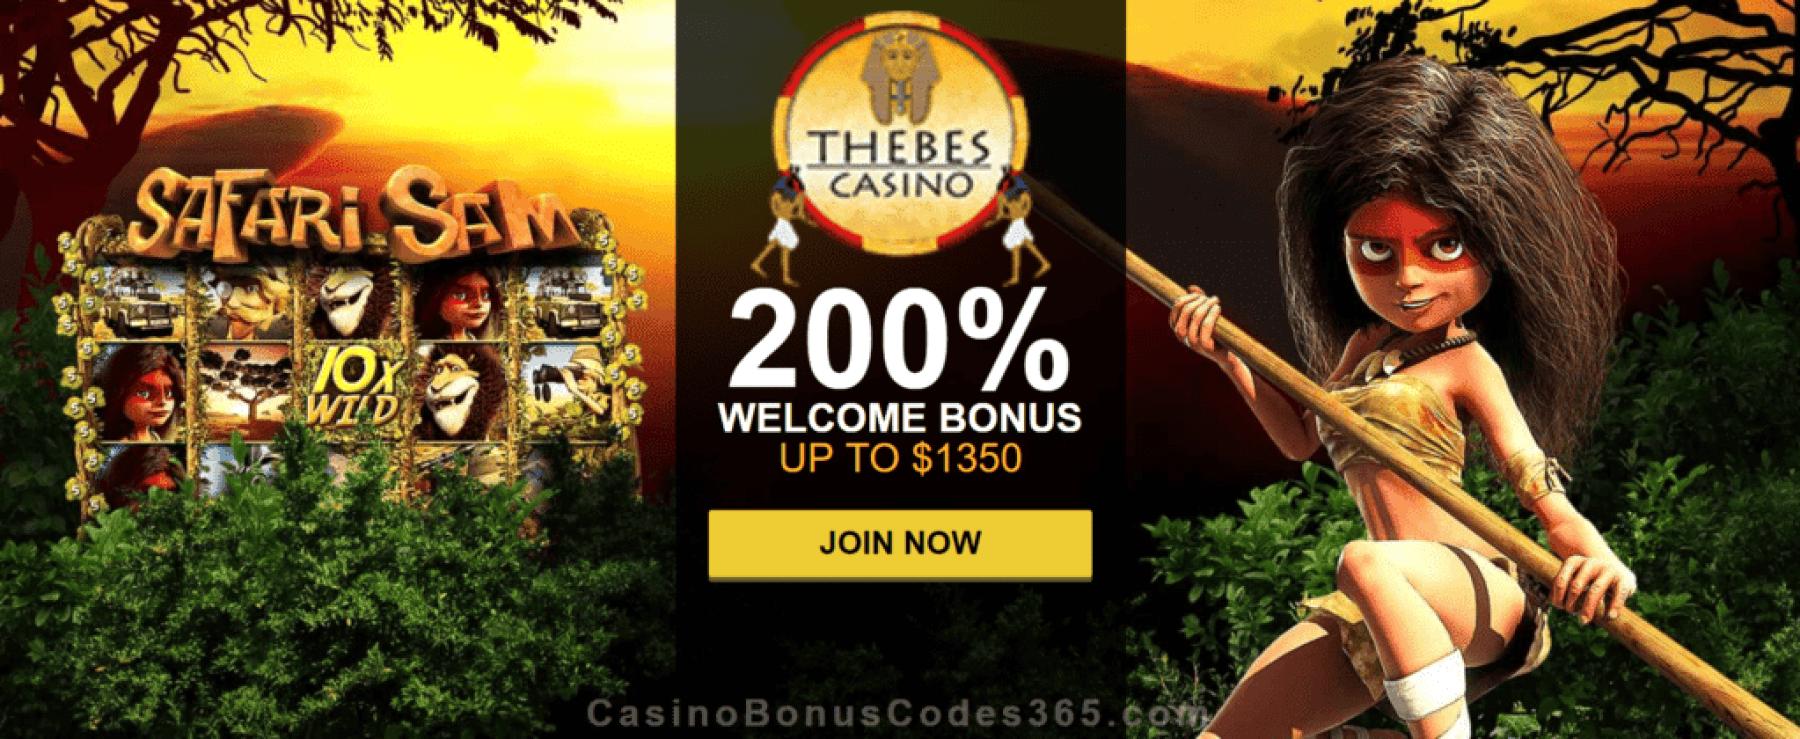 Thebes Casino | Casino Bonus Codes 365